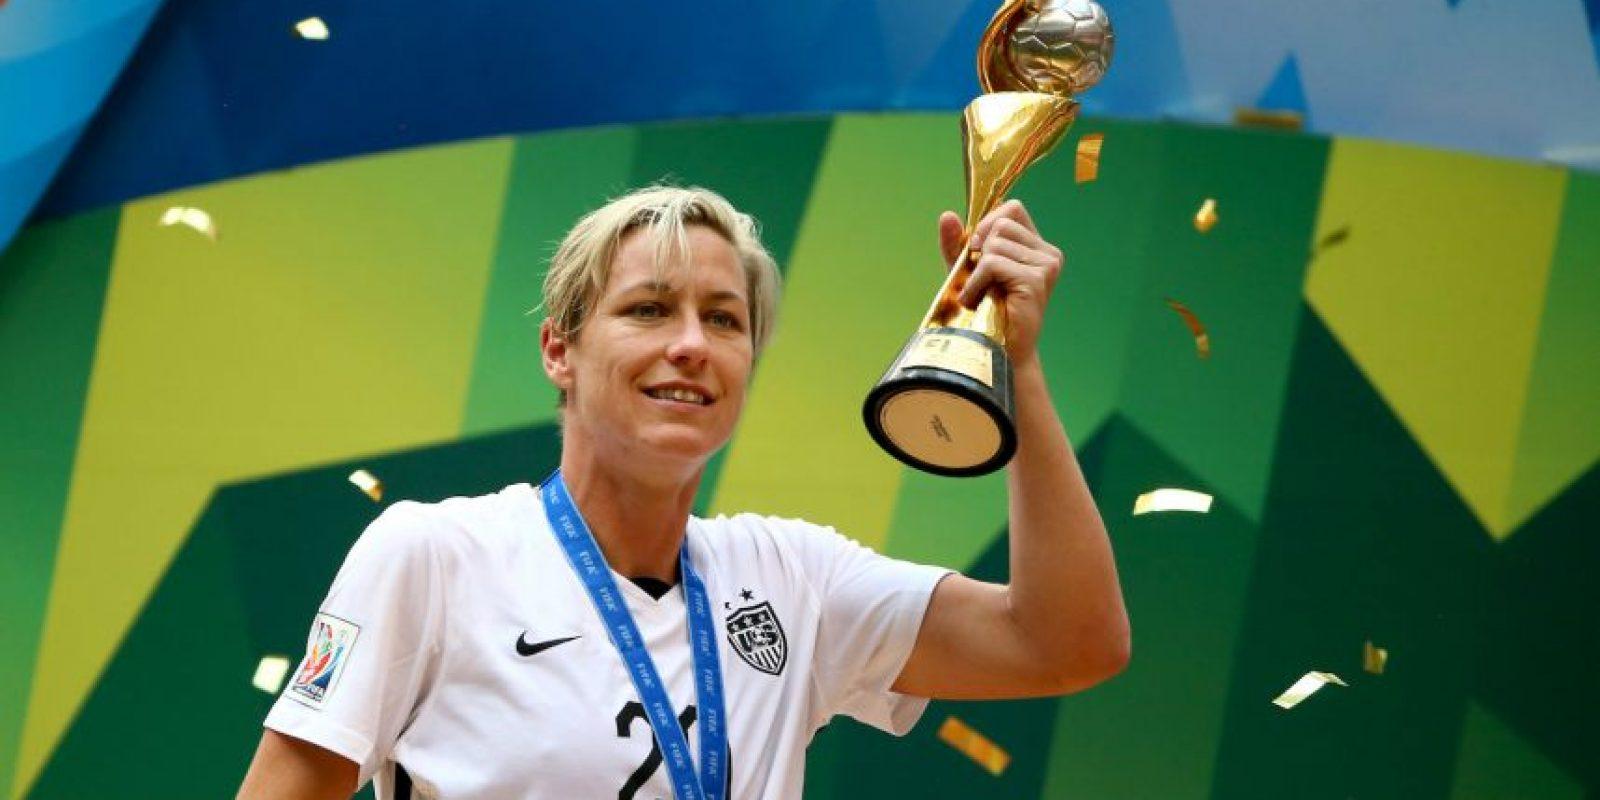 Abby Wambach es considerada una de las mejores futbolistas en la historia. Foto:Getty Images